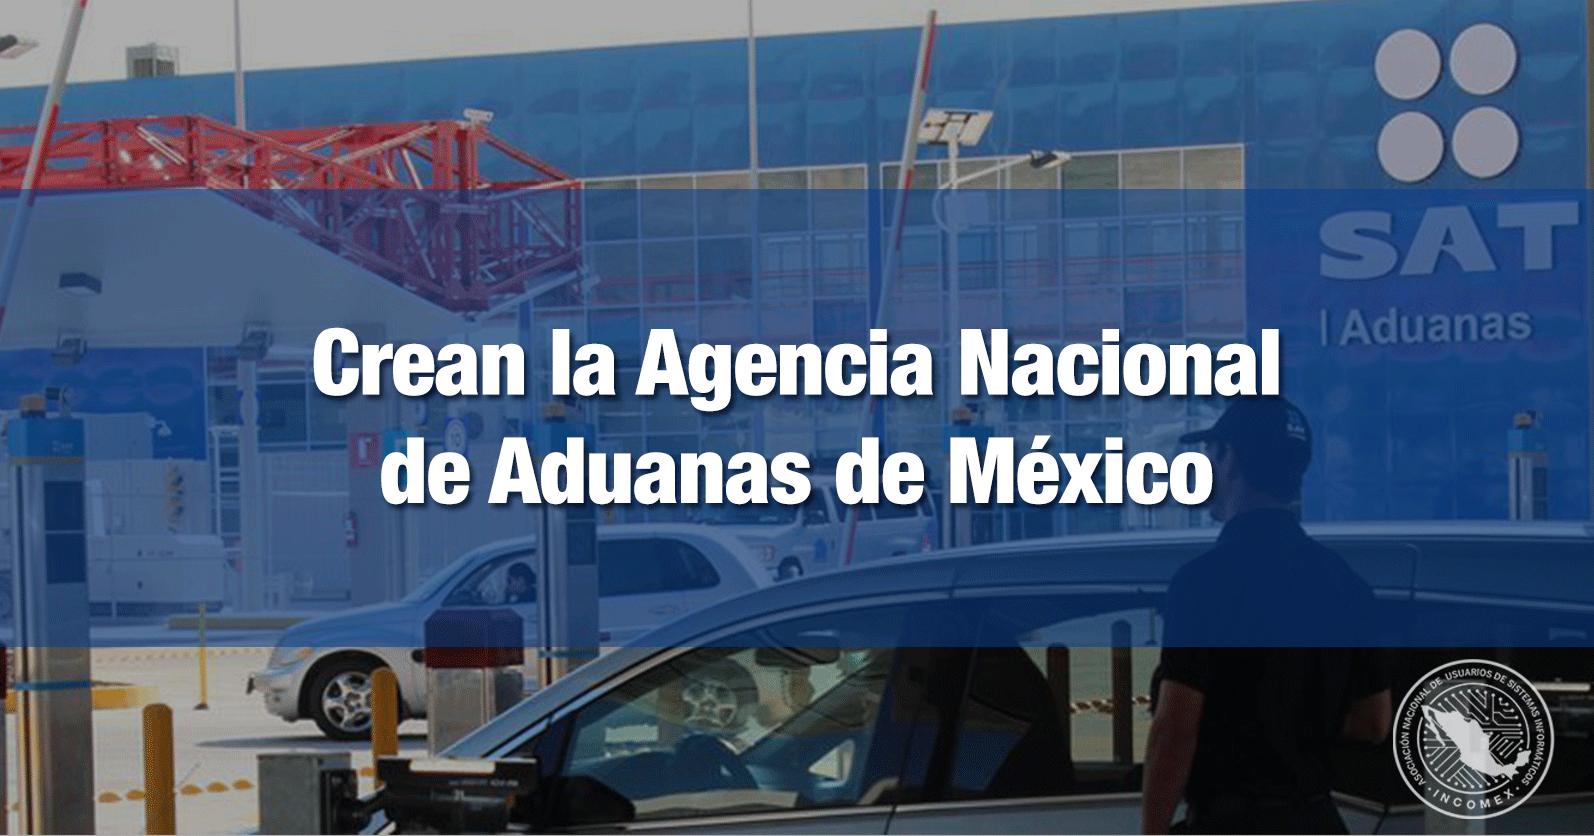 Crean la Agencia Nacional de Aduanas de México